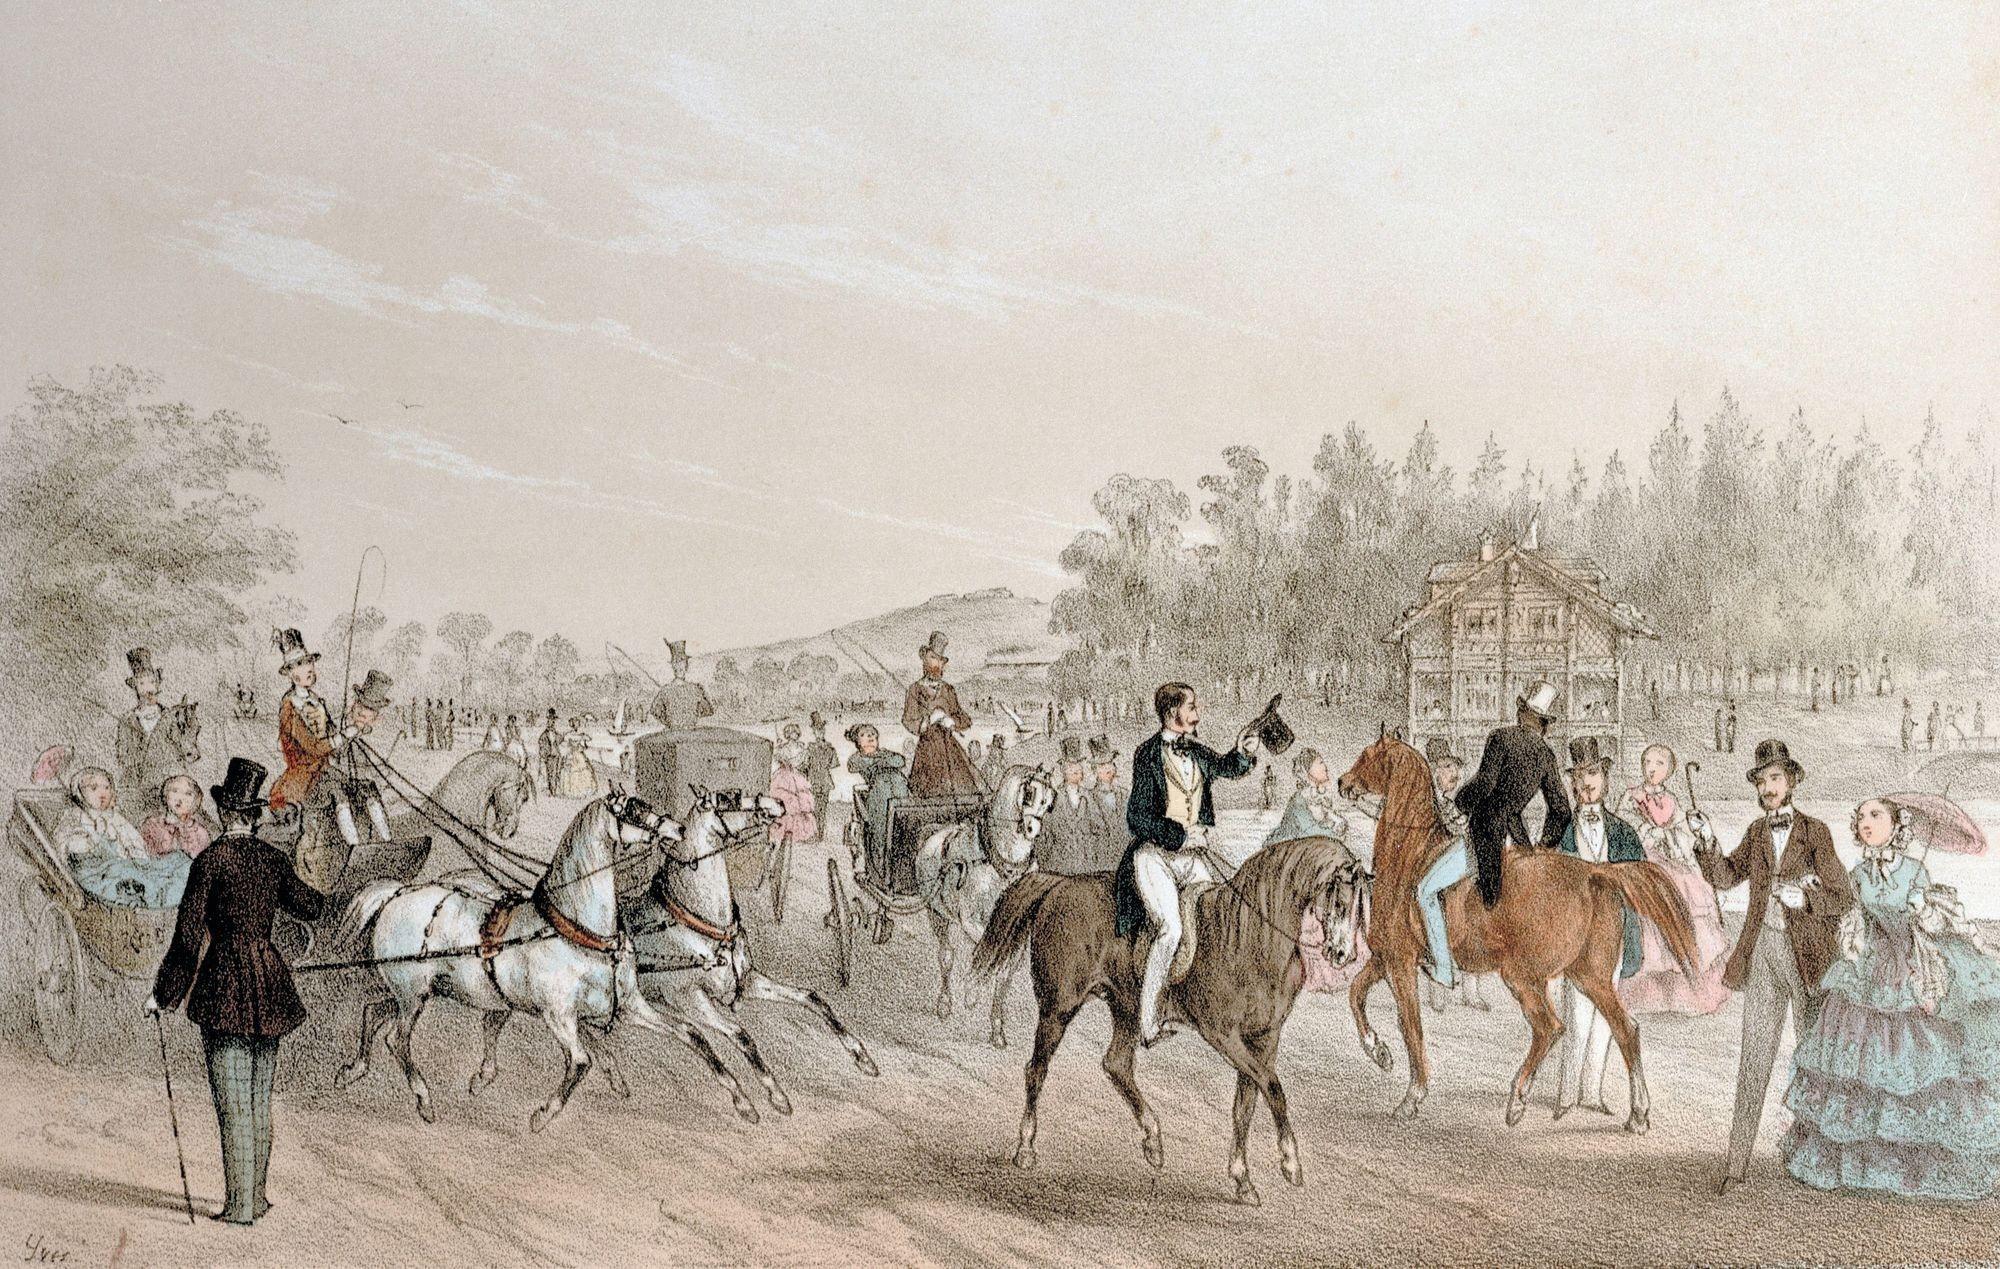 Anonyme, d'après Marie-Hector Yvert, La Promenade au bois de Boulogne. Le chalet et la rivière, v. 1855, lithographie en couleur, 28 x 18 cm, collection privée, Paris.